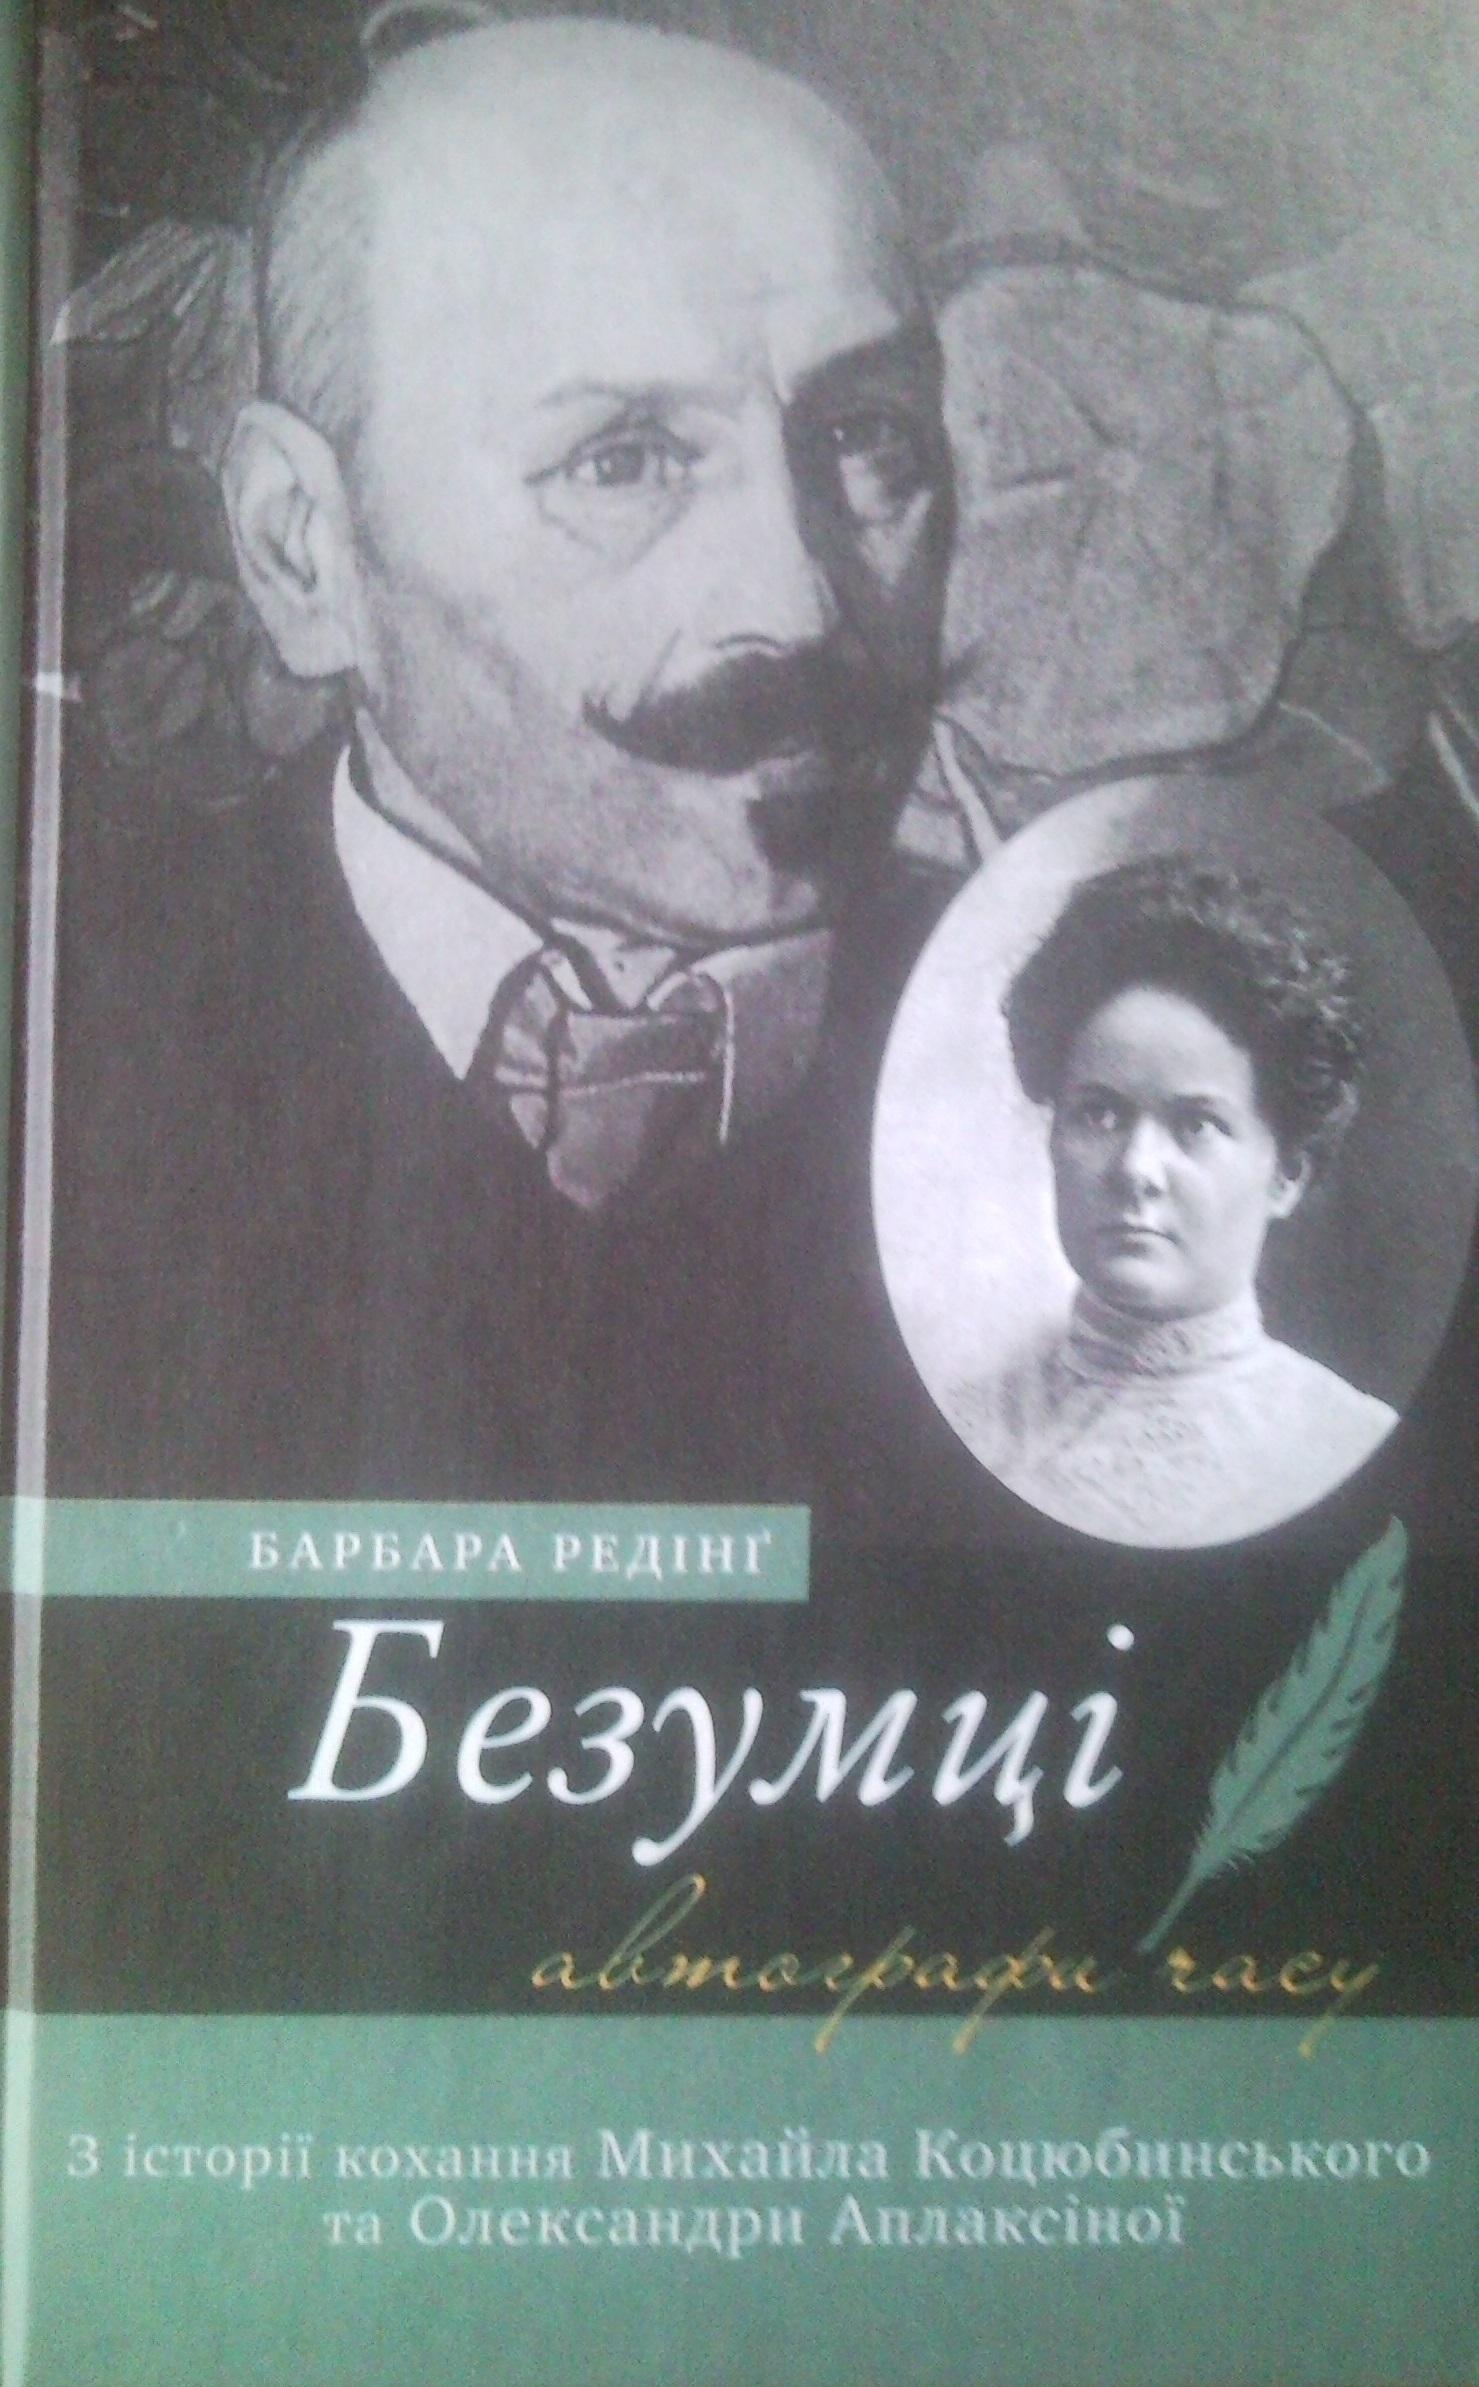 Обкладинка роману Барбари Редінґ «Безумці»